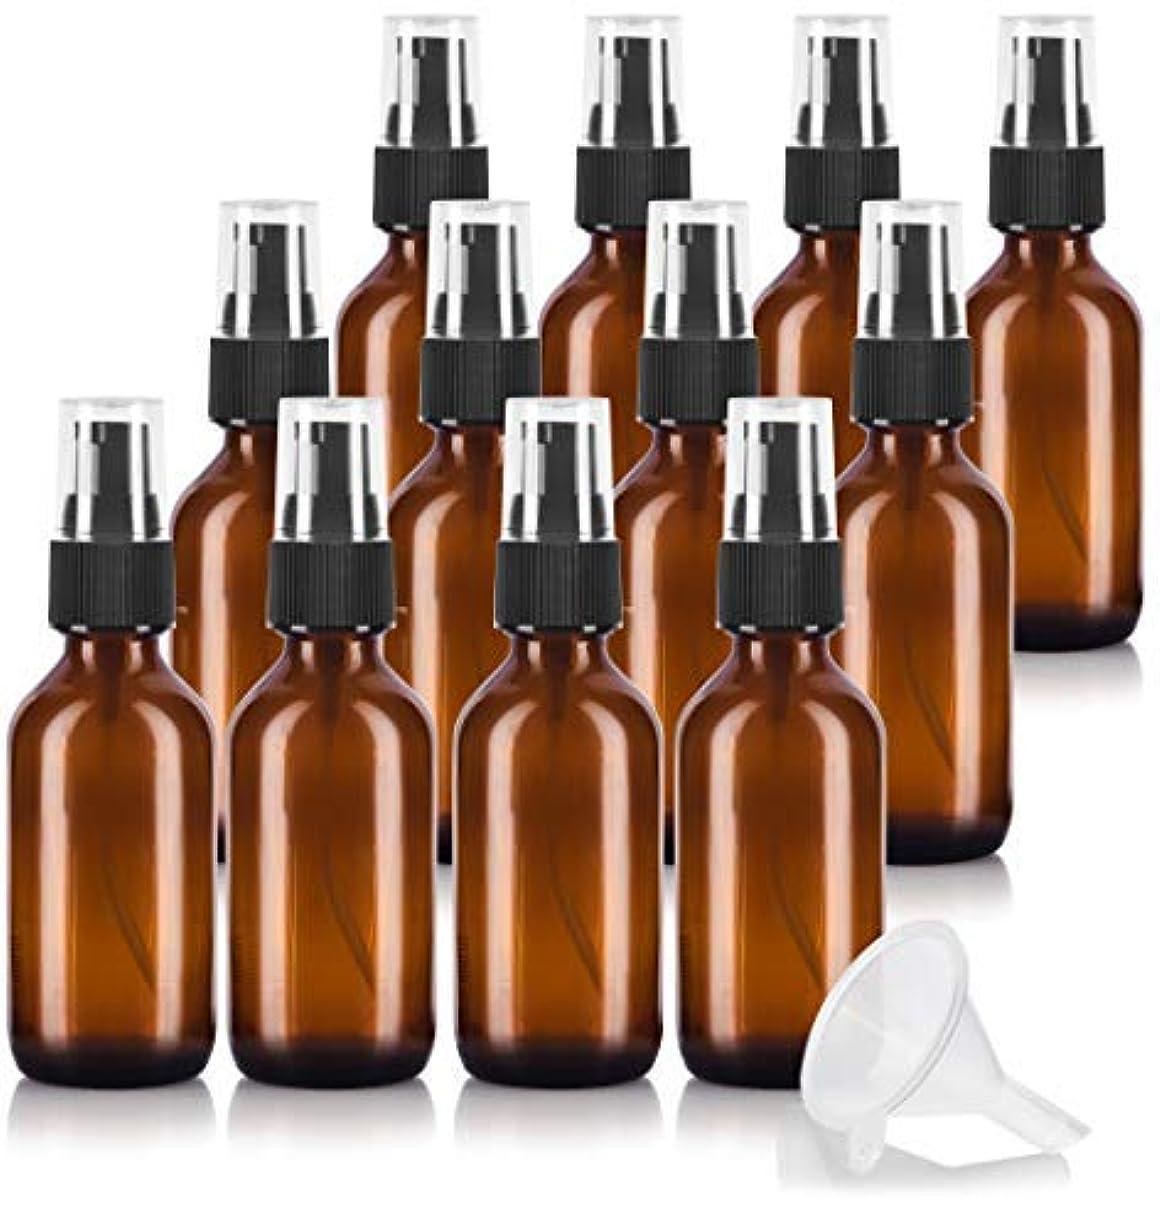 裸マニュアル争う2 oz Amber Glass Boston Round Treatment Pump Bottle (12 pack) + Funnel and Labels for essential oils, aromatherapy...